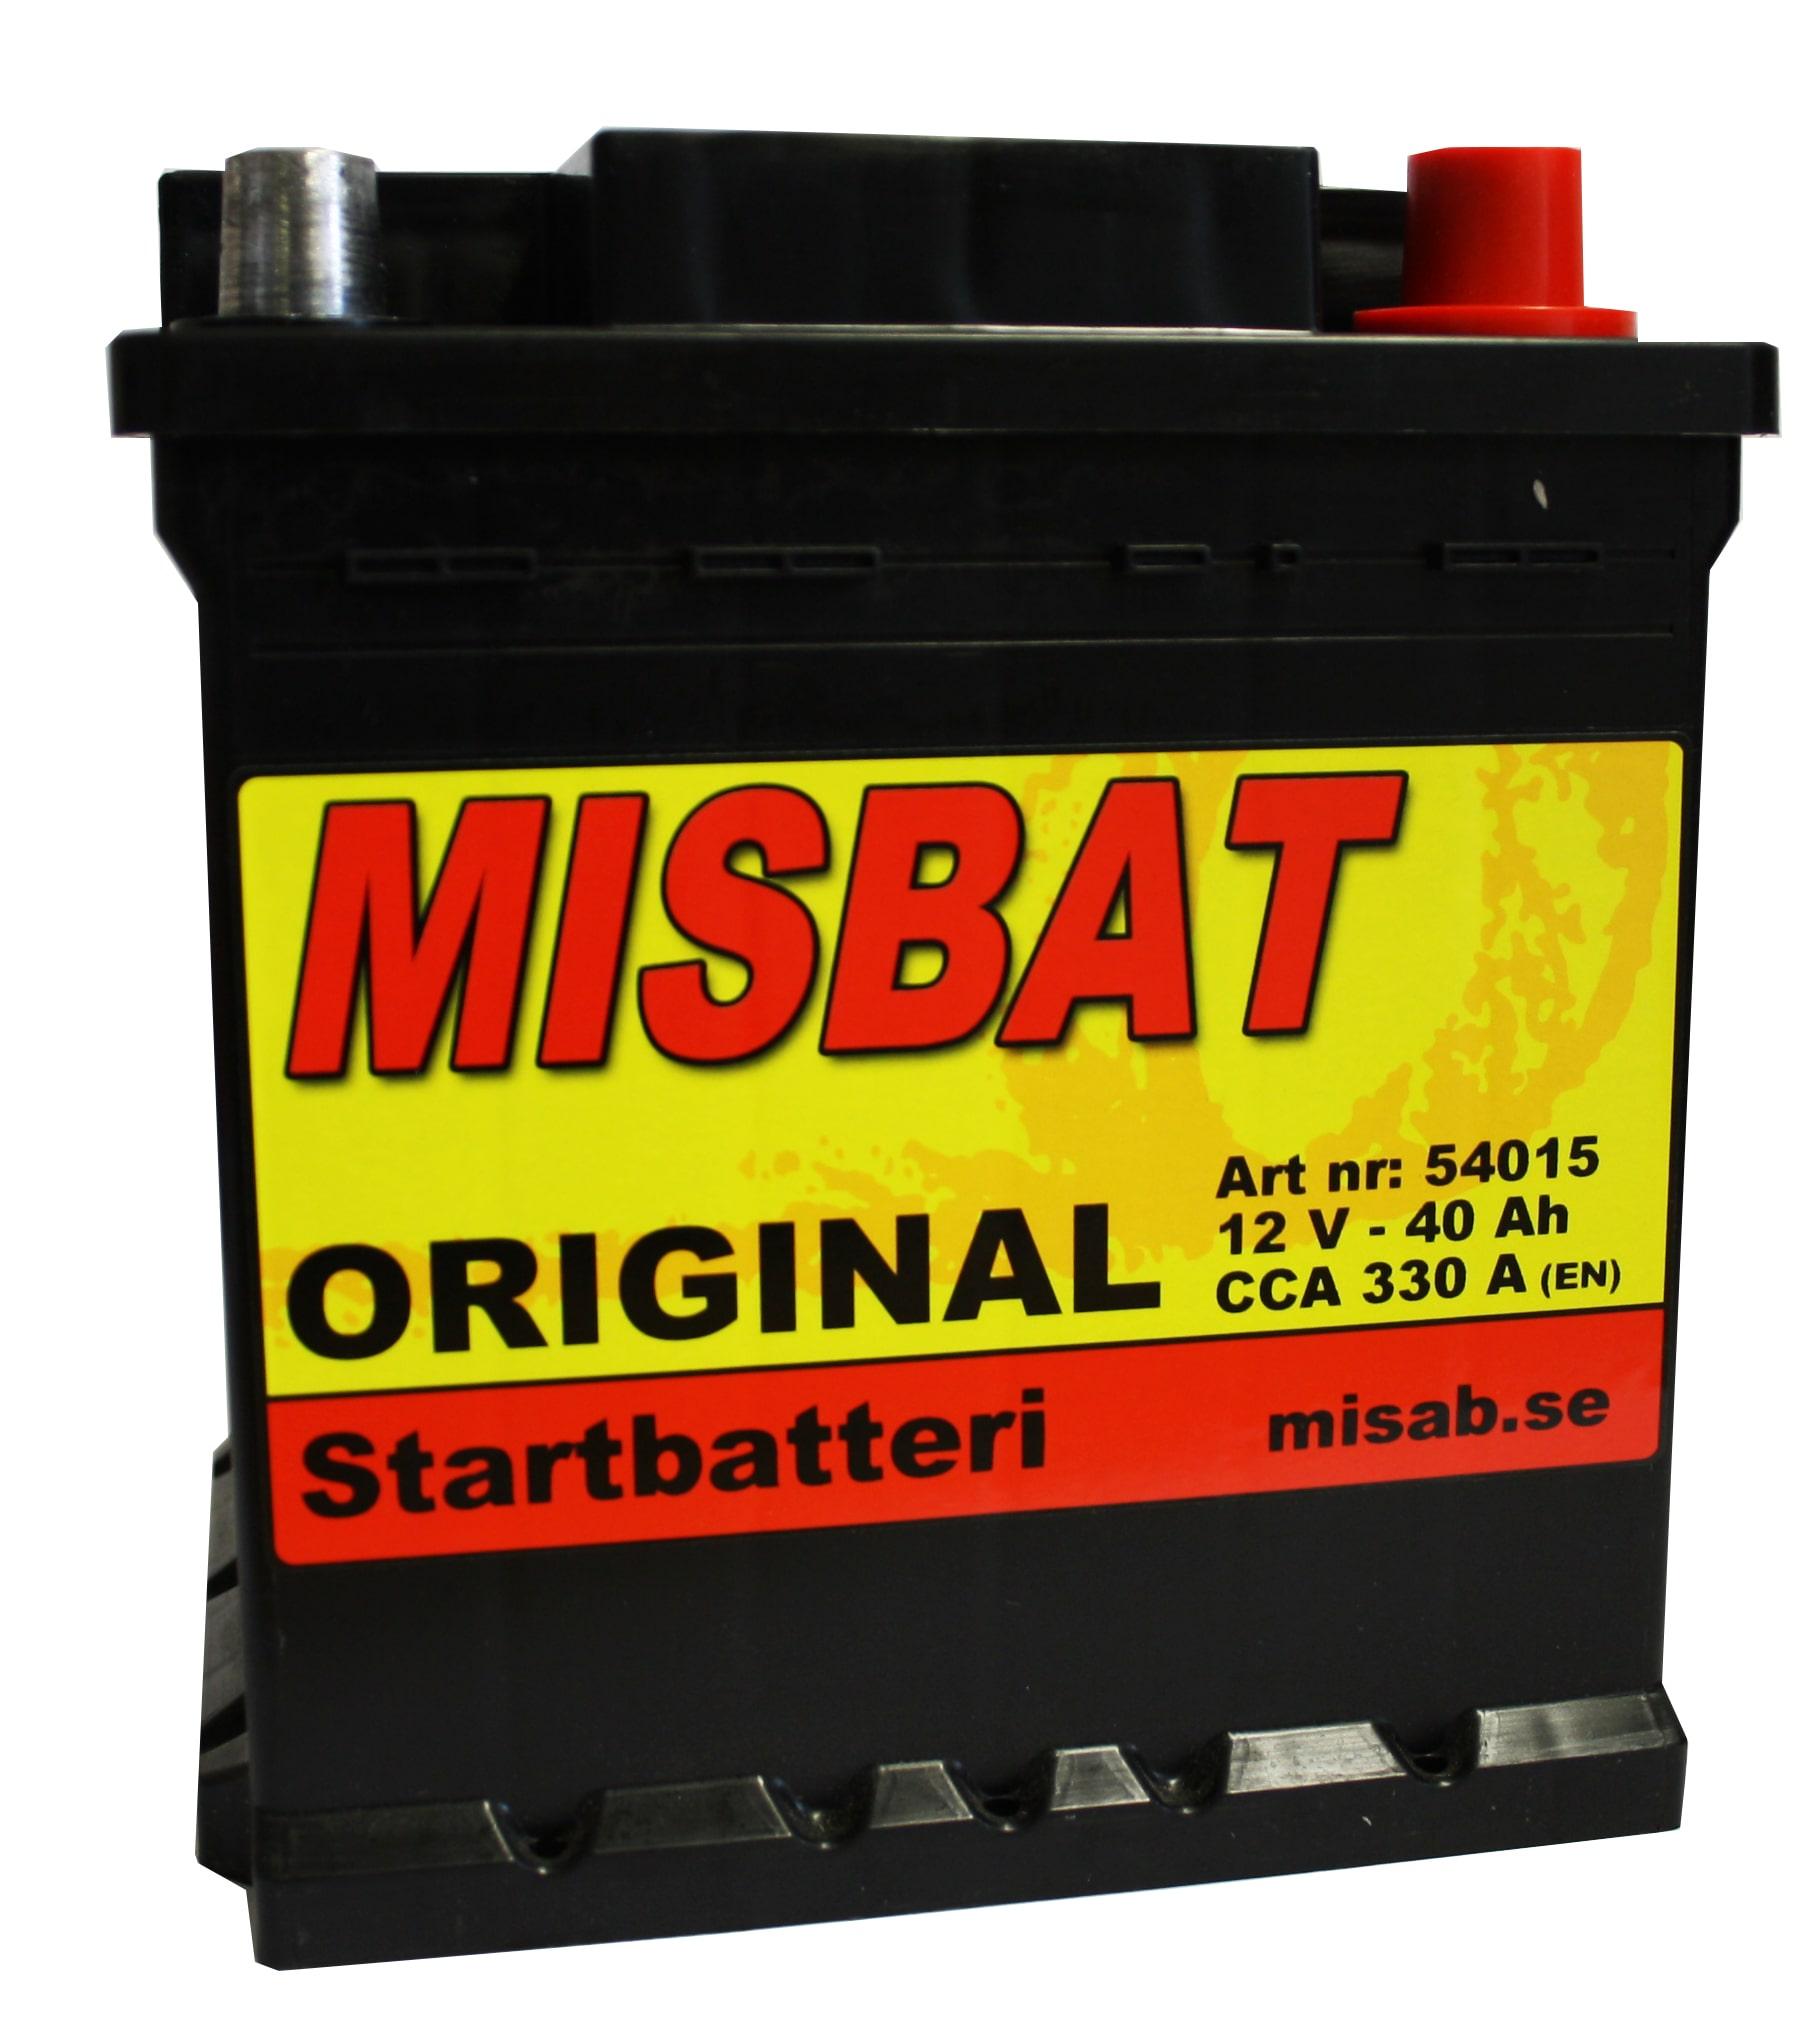 MISBAT ORIGINAL 40 AH